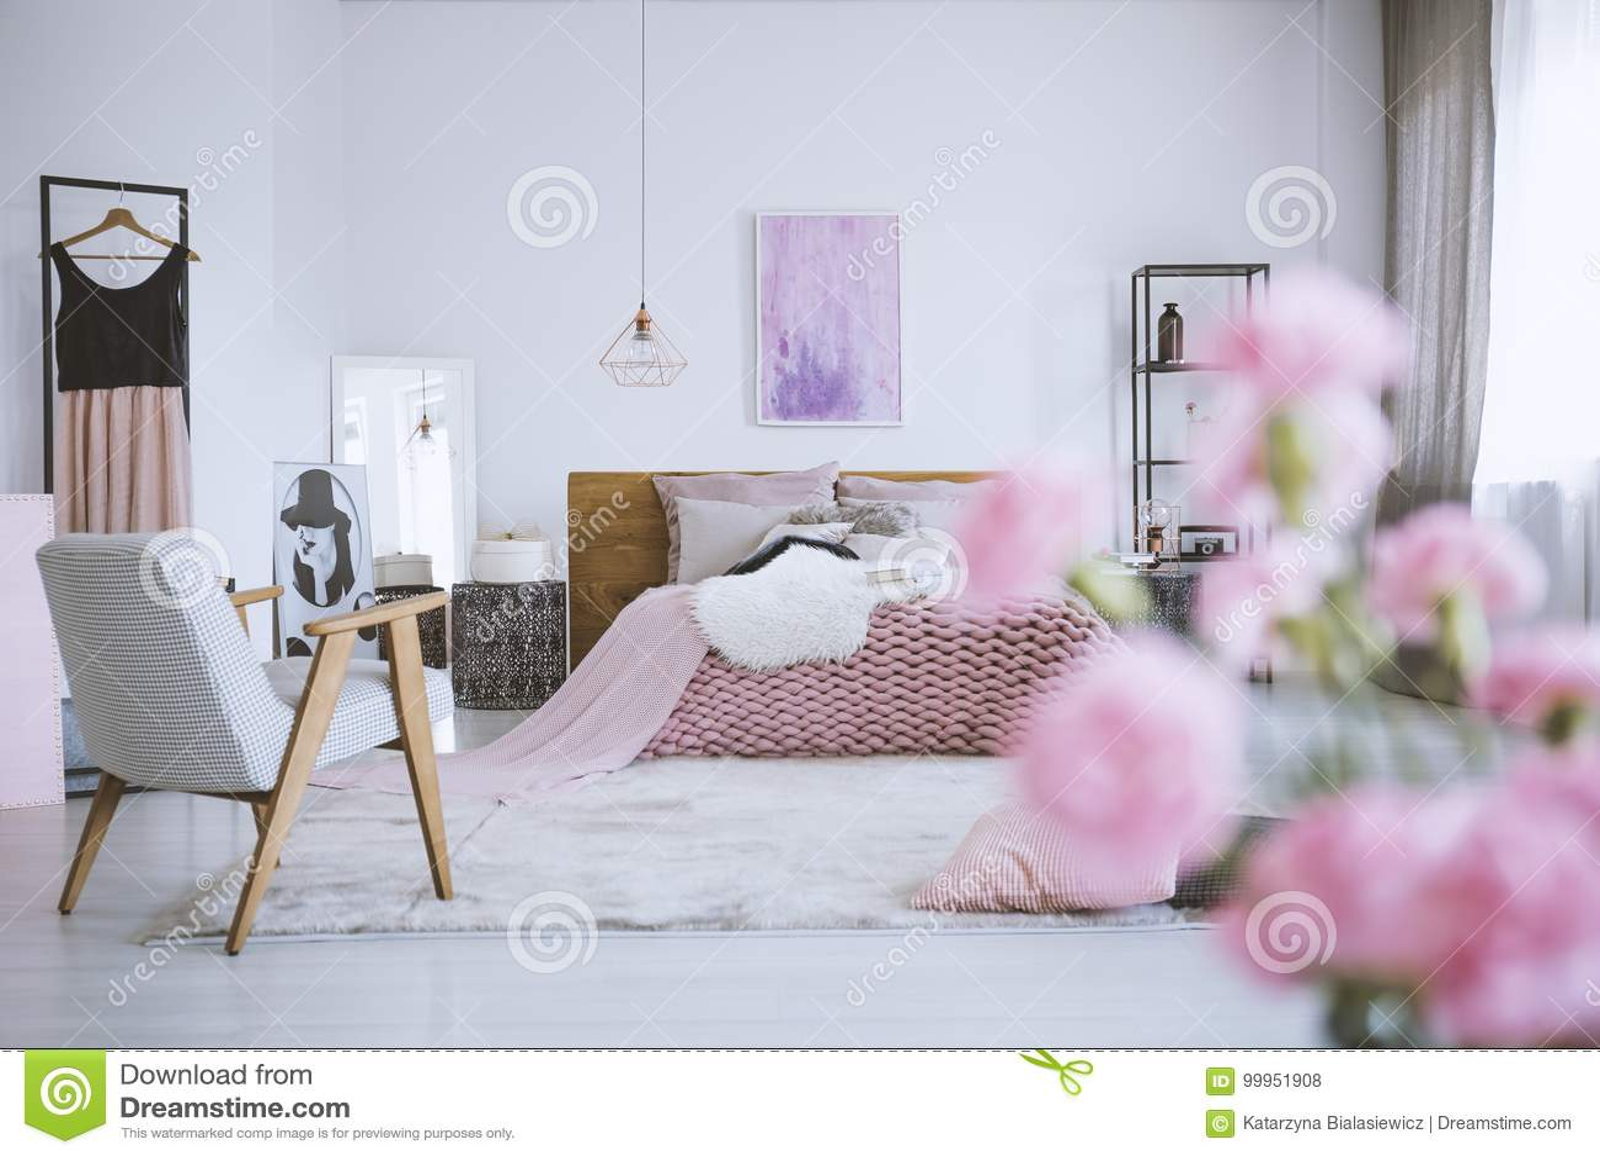 Camera Letto Rosa : Fiori in camera da letto rosa elegante fotografia stock immagine